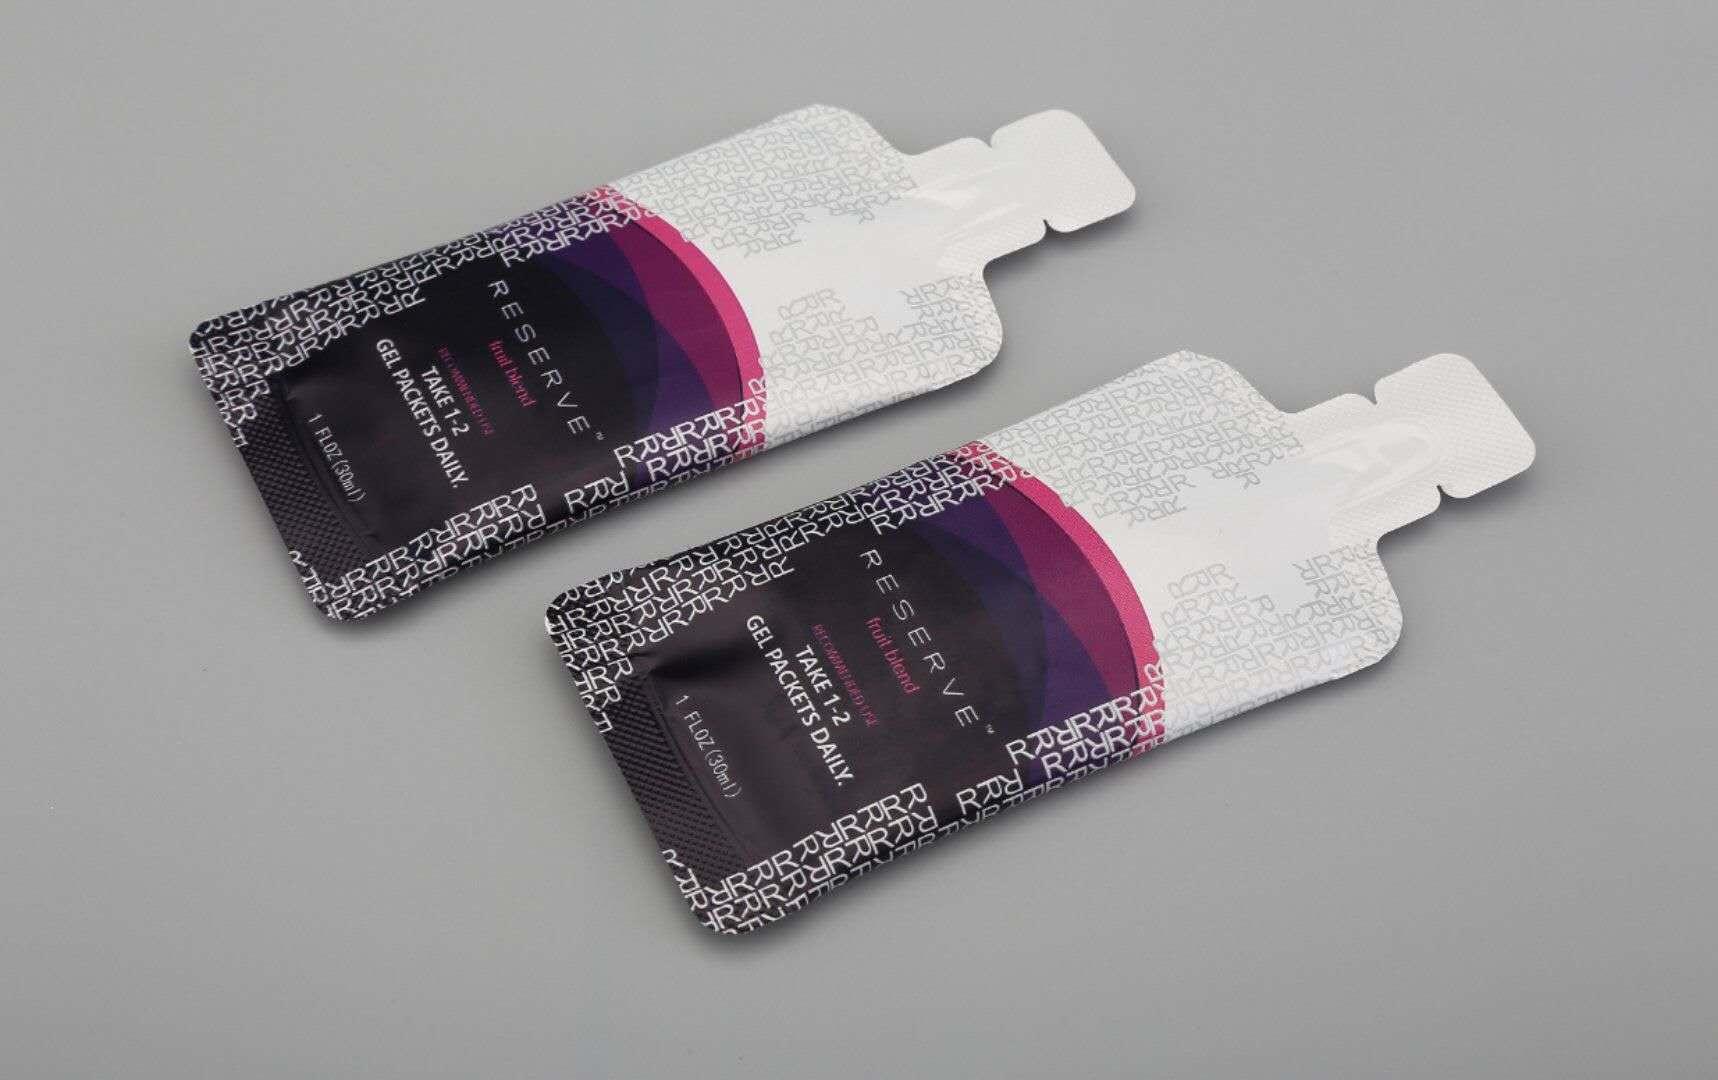 袋装抗糖化饮品代加工/袋装果汁饮品OEM贴牌工厂